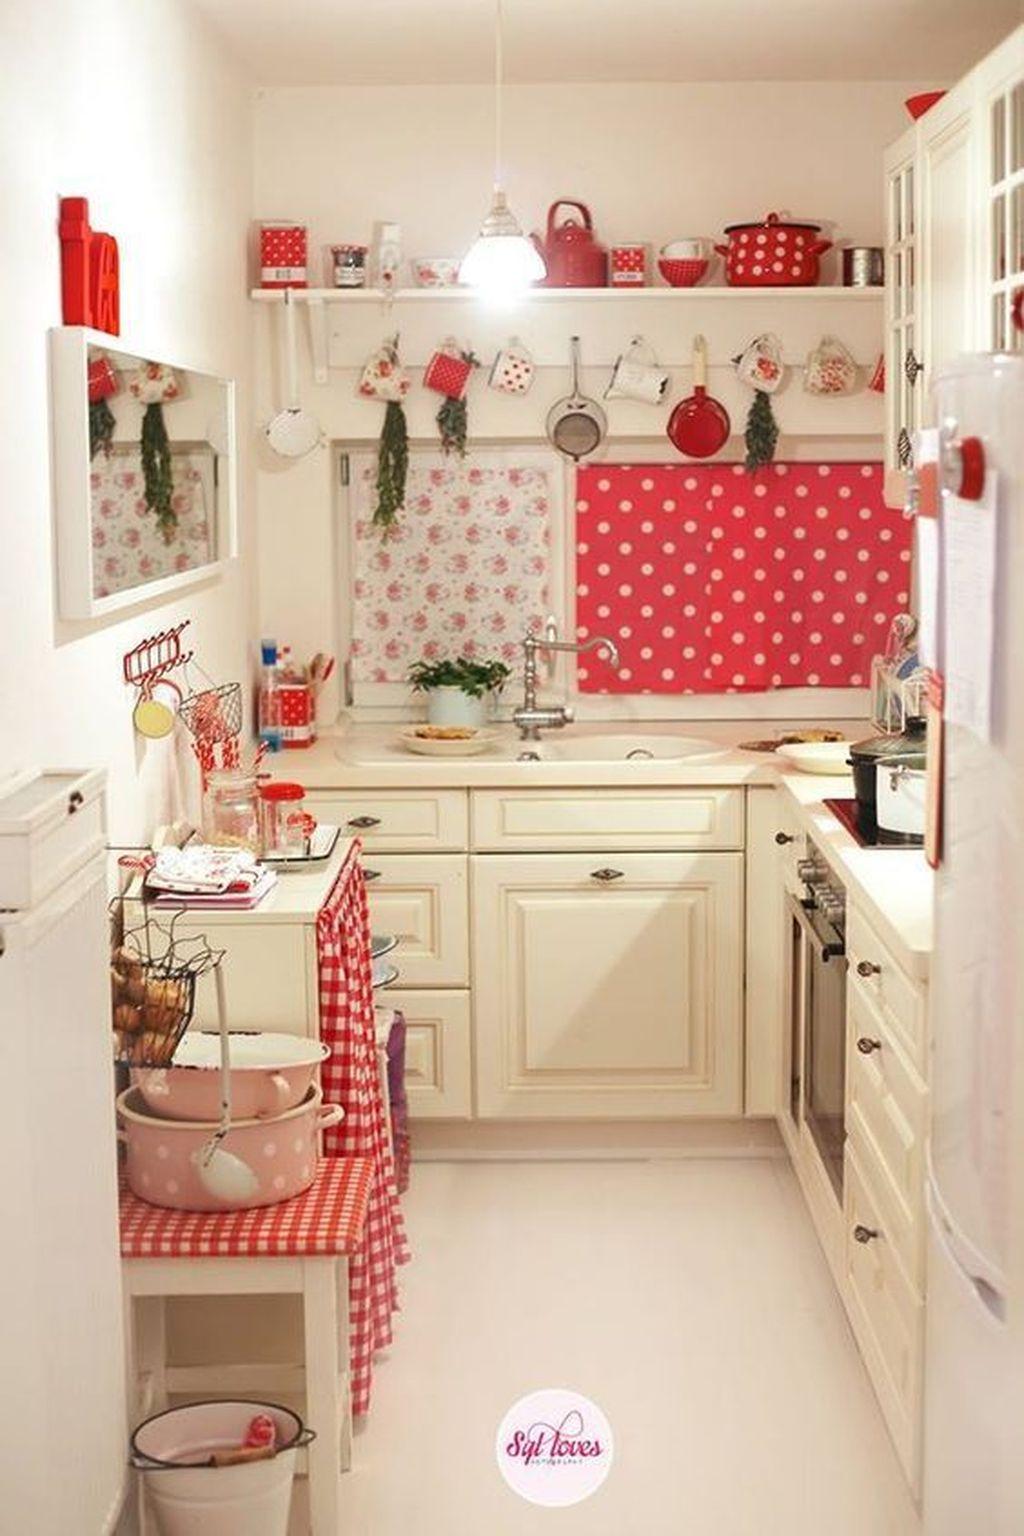 Awesome Retro Kitchen Design Ideas 19